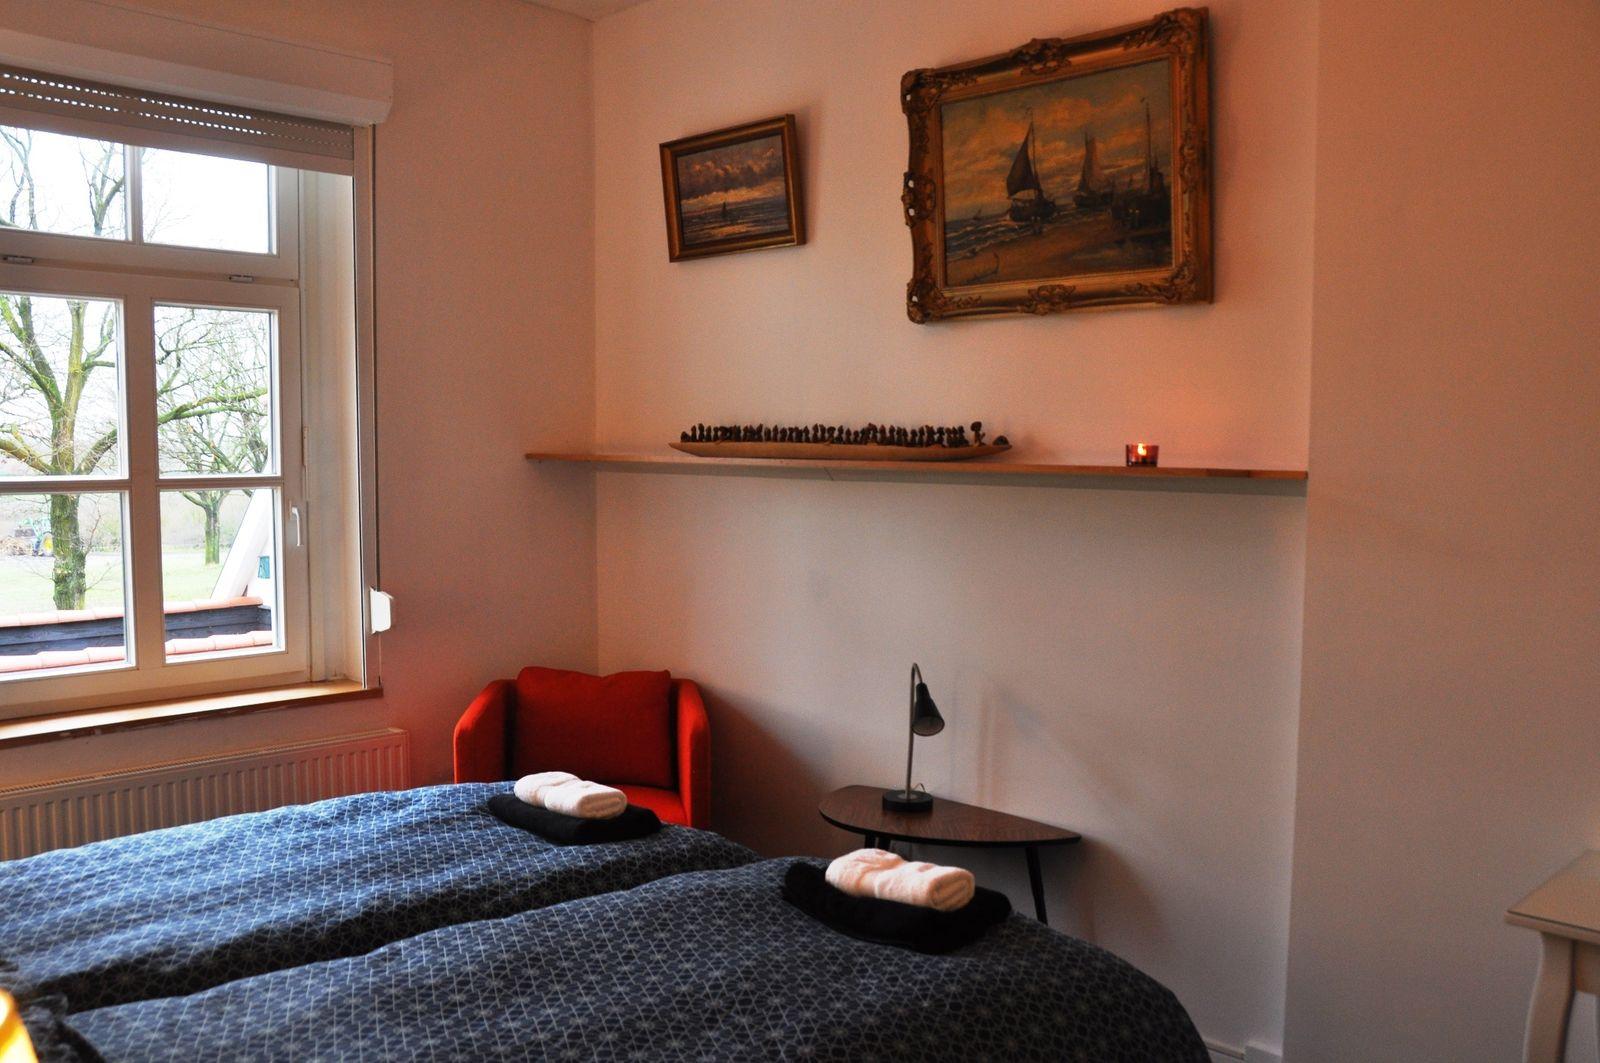 Afbeelding van Landhuis Wielen 2 - wellness vakantiehuis met sauna en jacuzzi